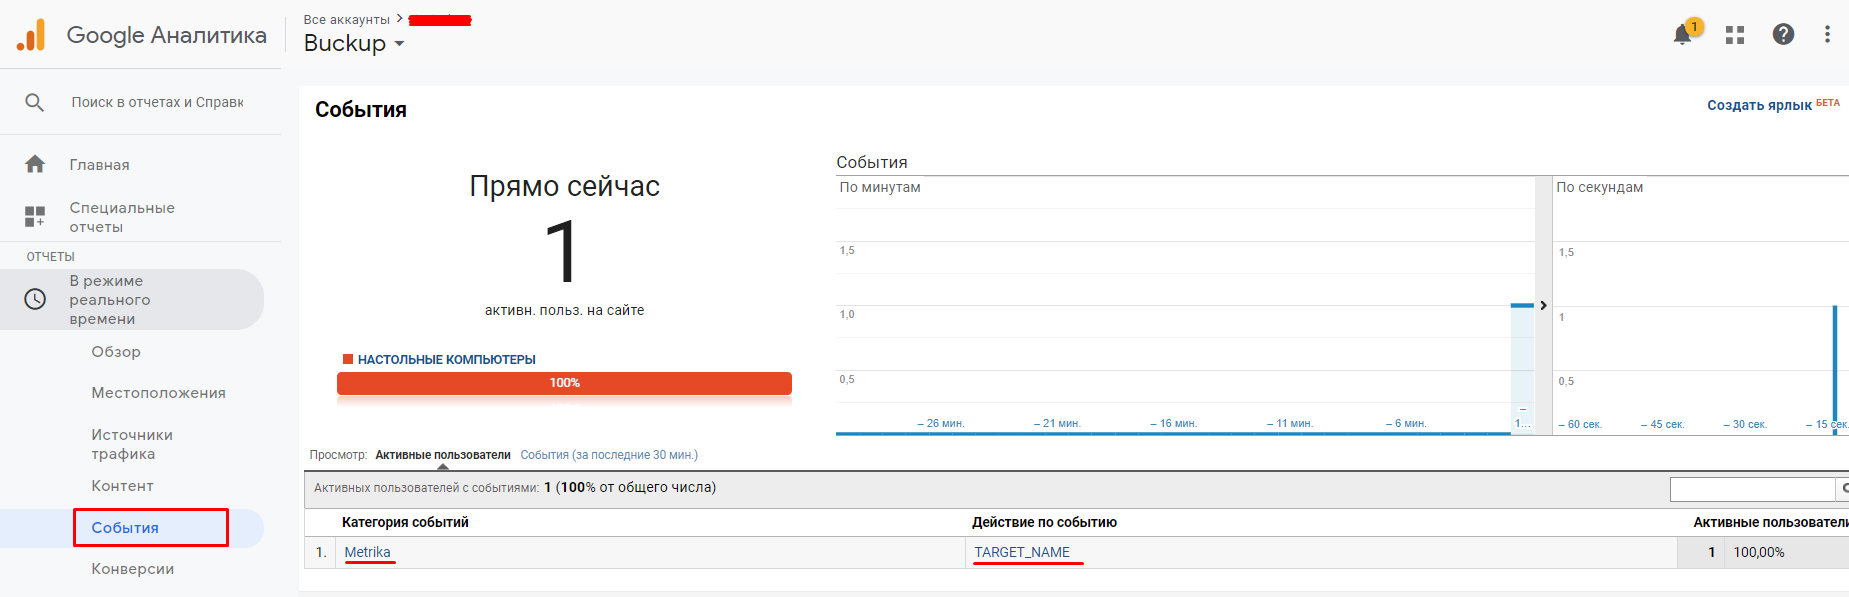 Как продублировать цели из Яндекс.Метрики в Google Analytics - 9